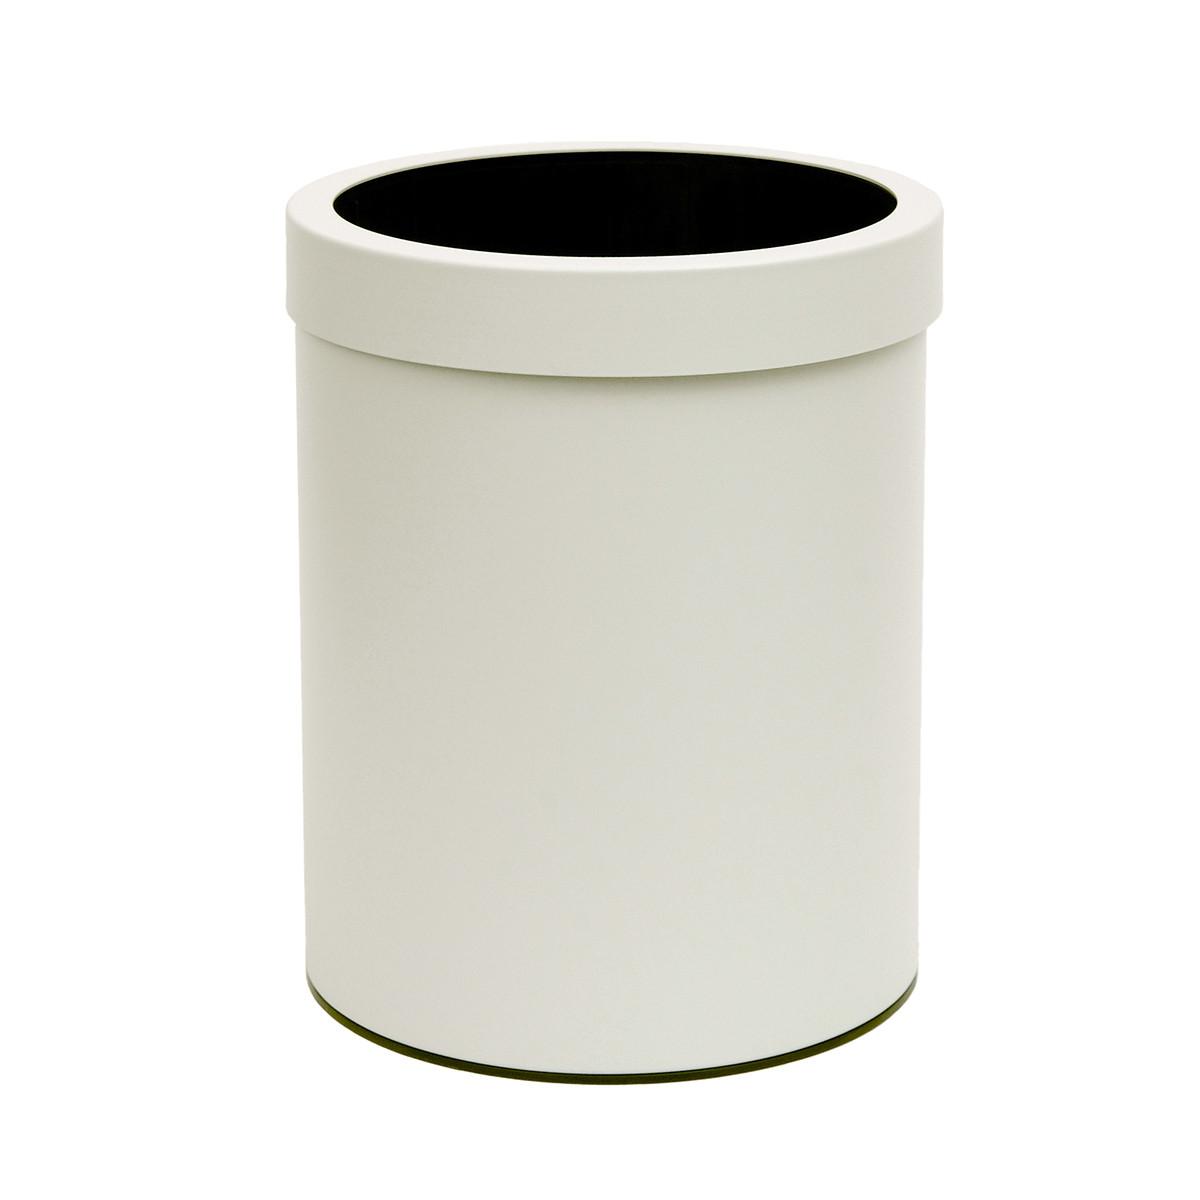 Καλάθι Απορριμμάτων (21×26) PamCo 5Lit 05-2126-033 White Matt